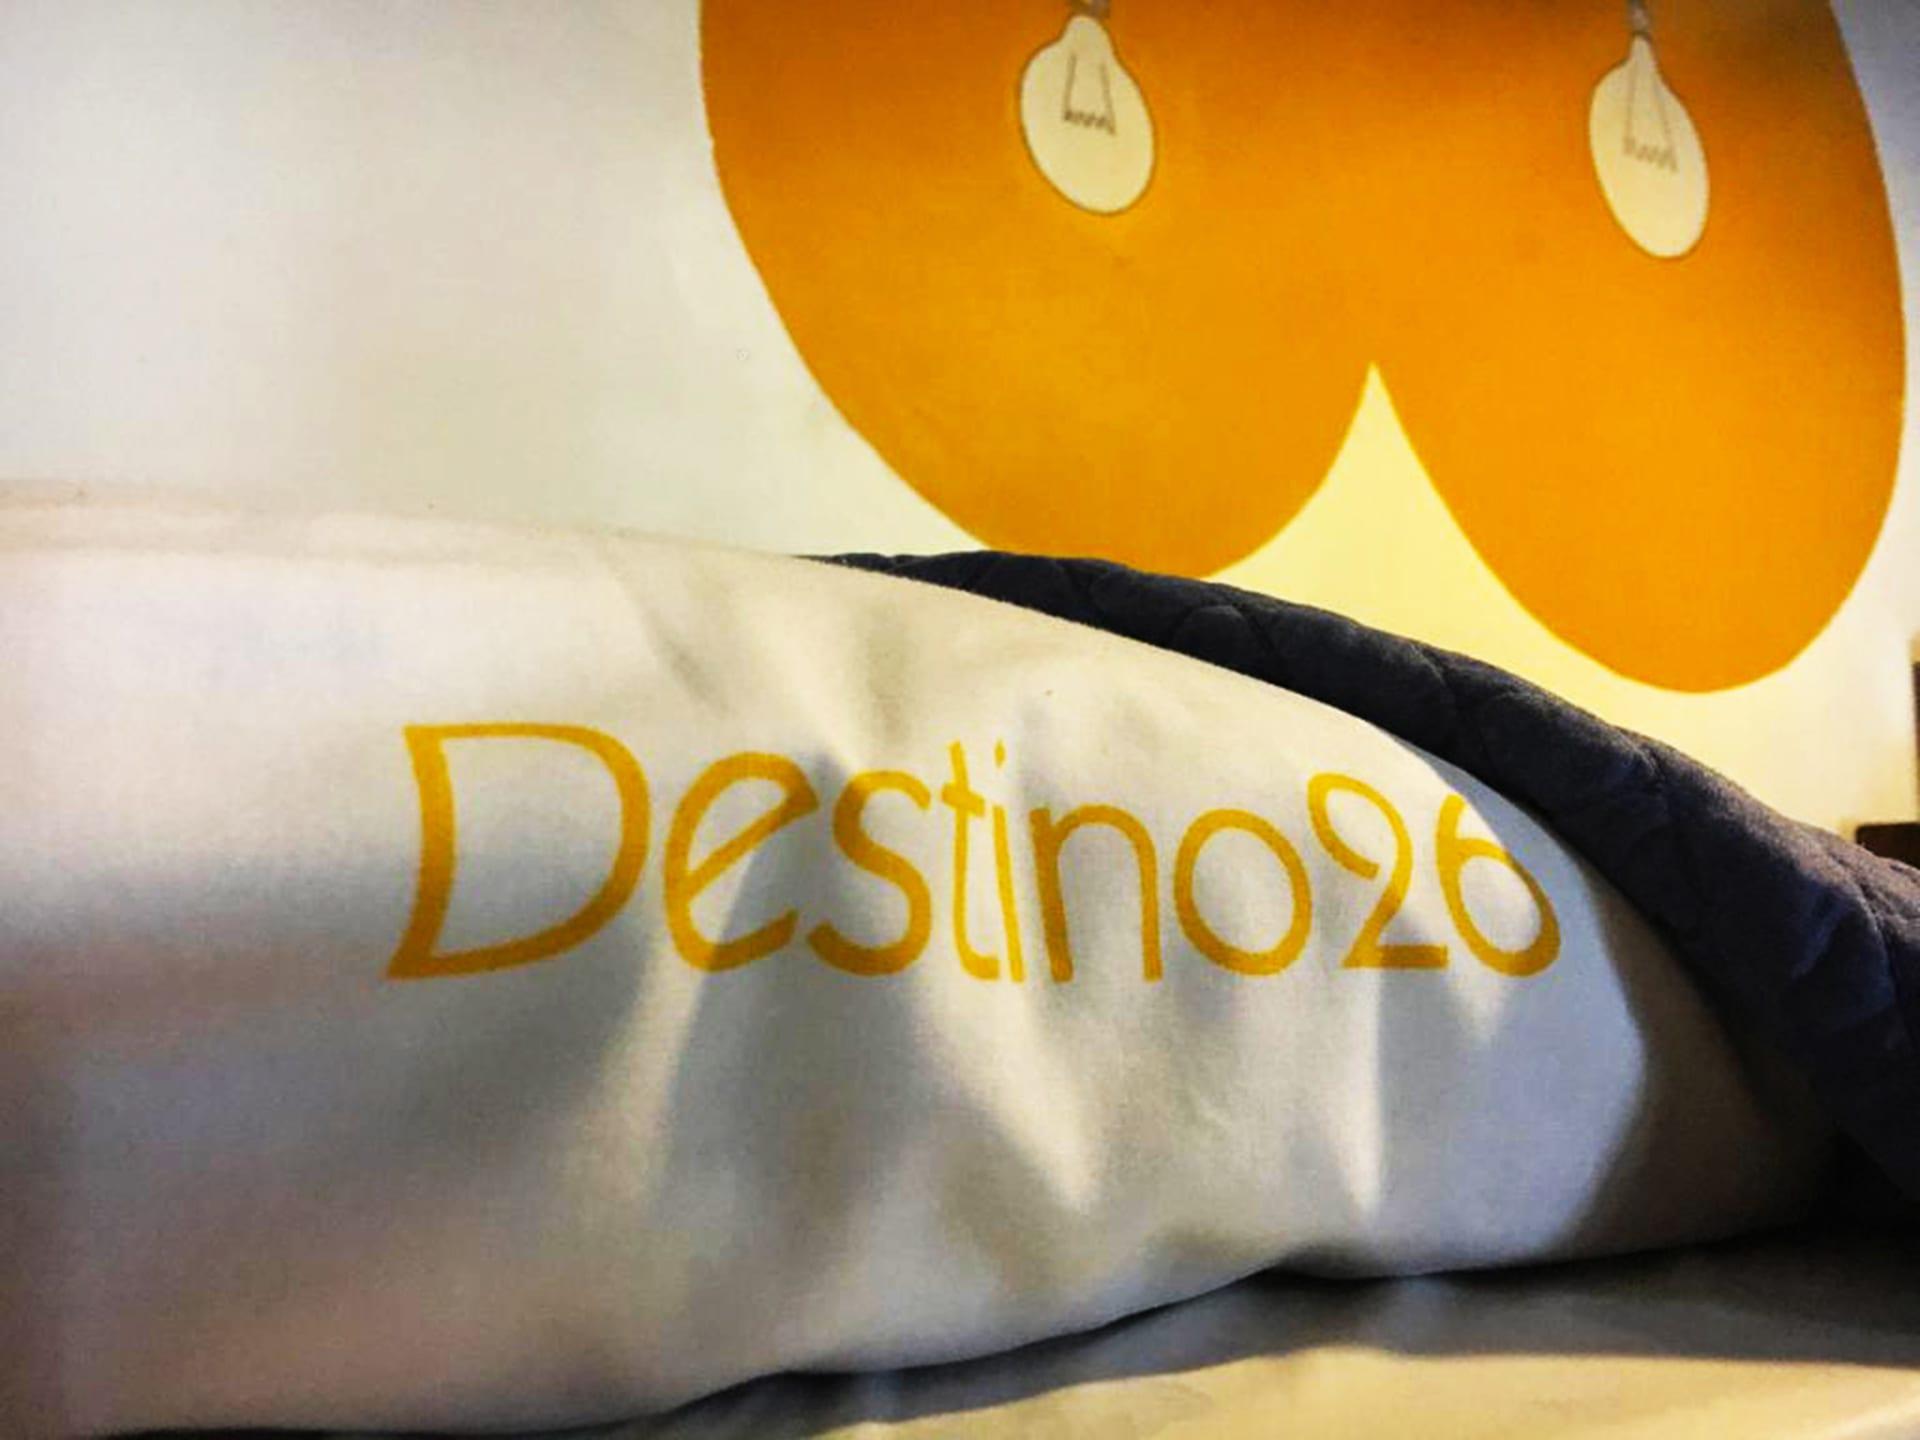 HOSTEL - Destino26